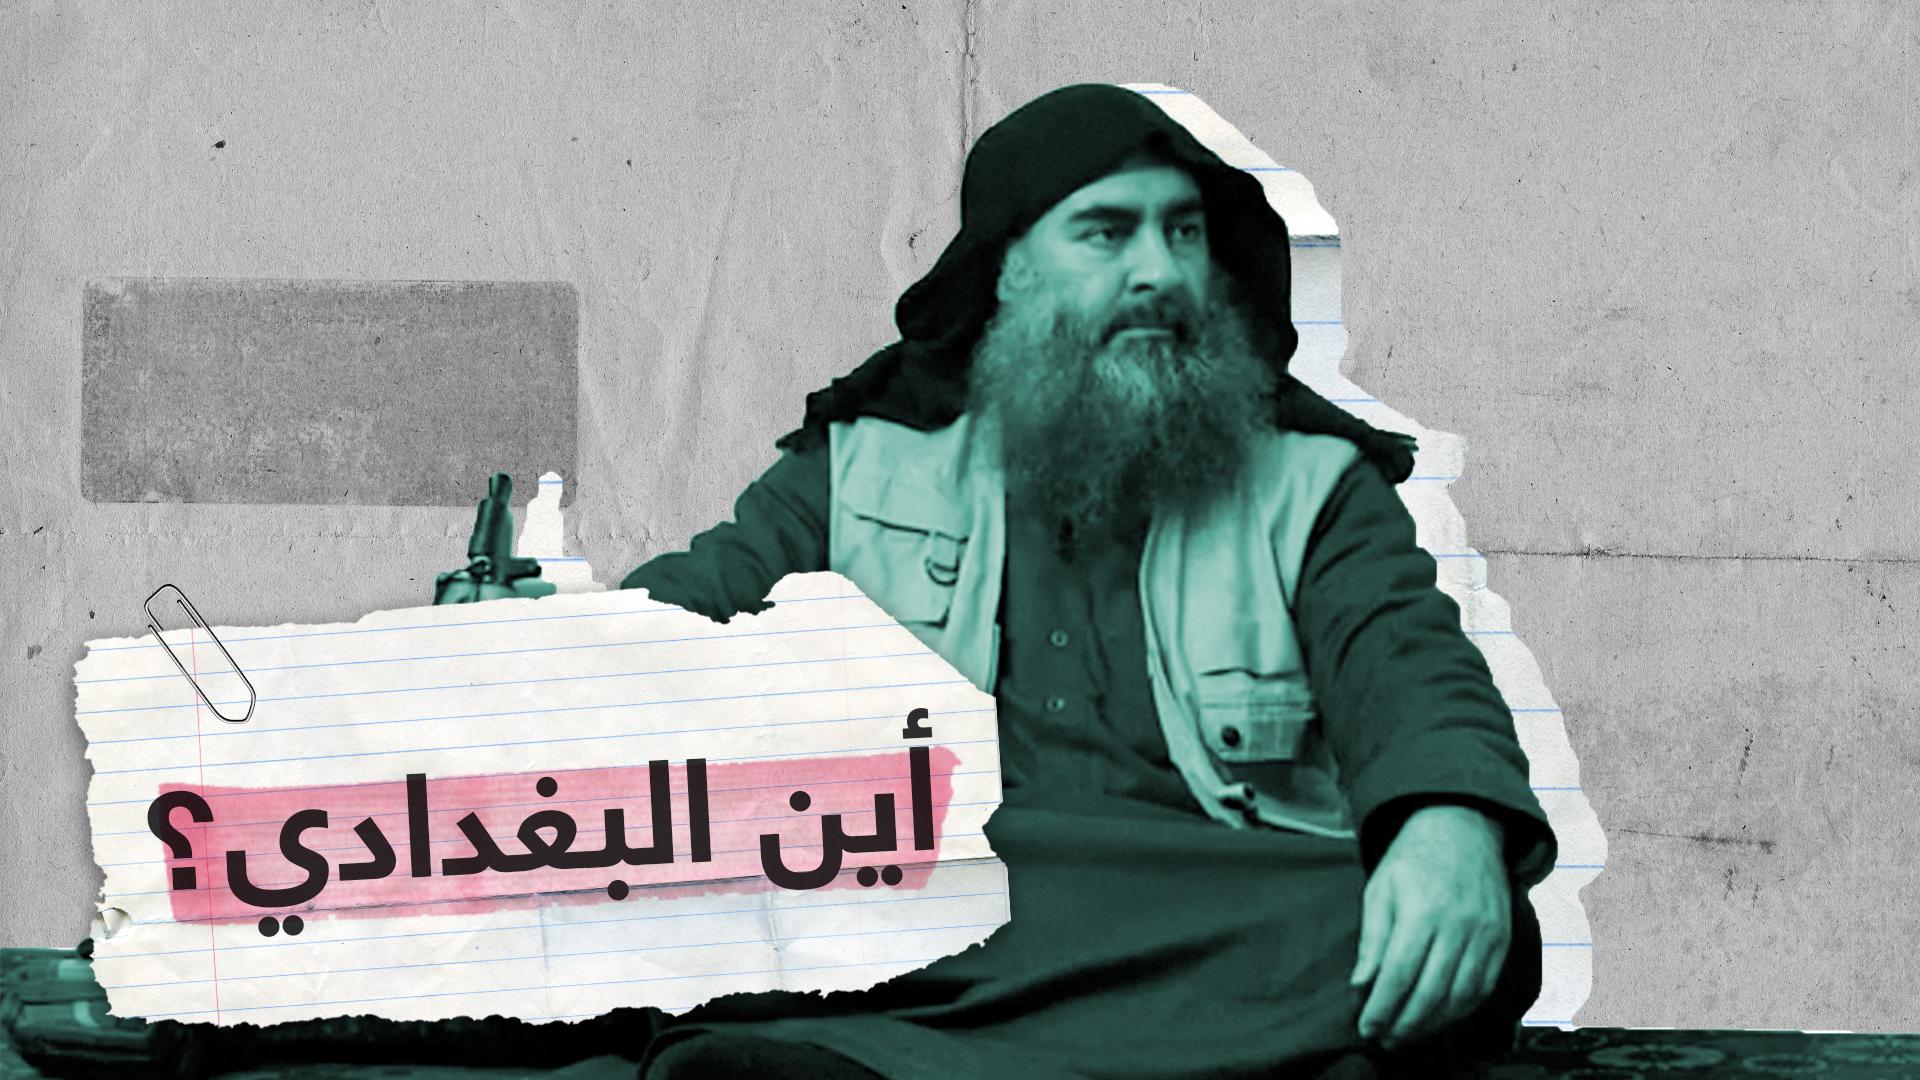 جهاز استخبارات: البغدادي مازال يتمتع بنفوذ كبير بين أتباعه